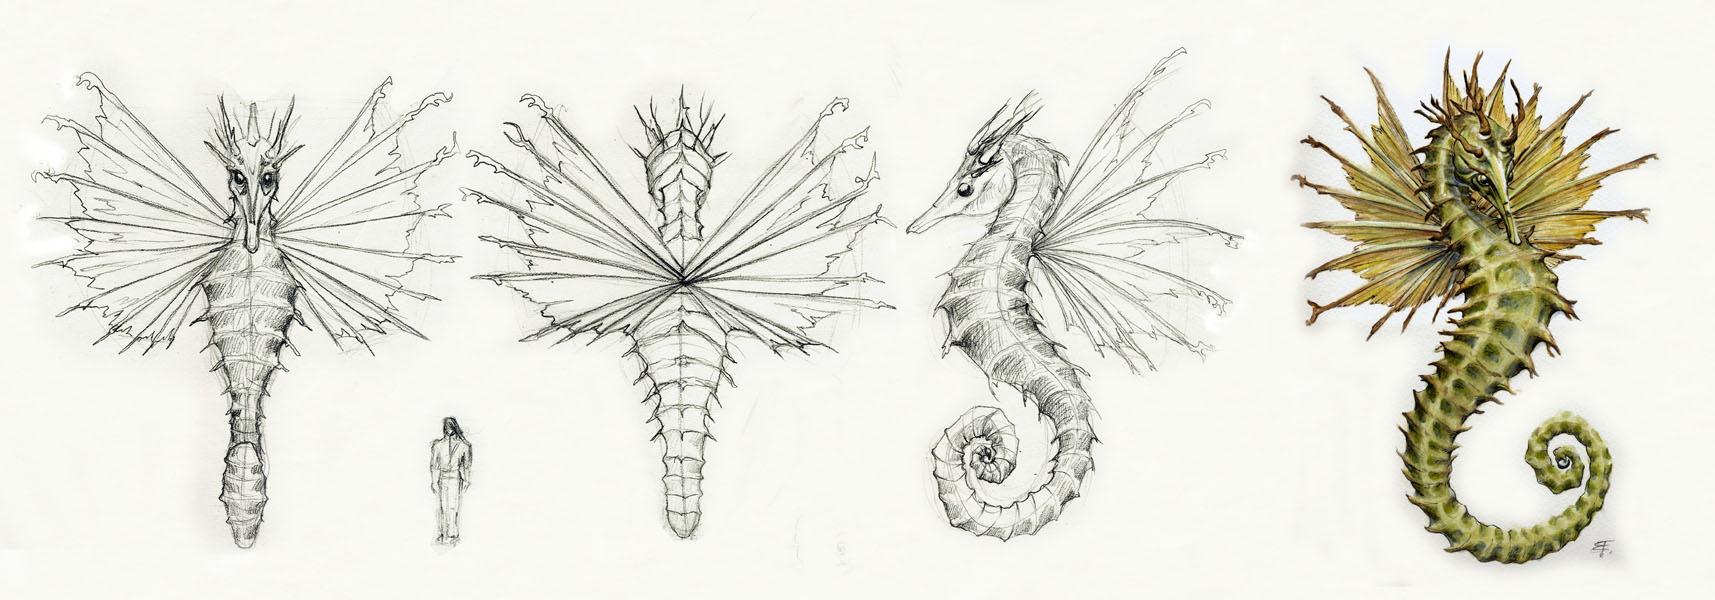 Drawn seahorse dragon Design Dragon FrancescaBaerald Dragon Dragon